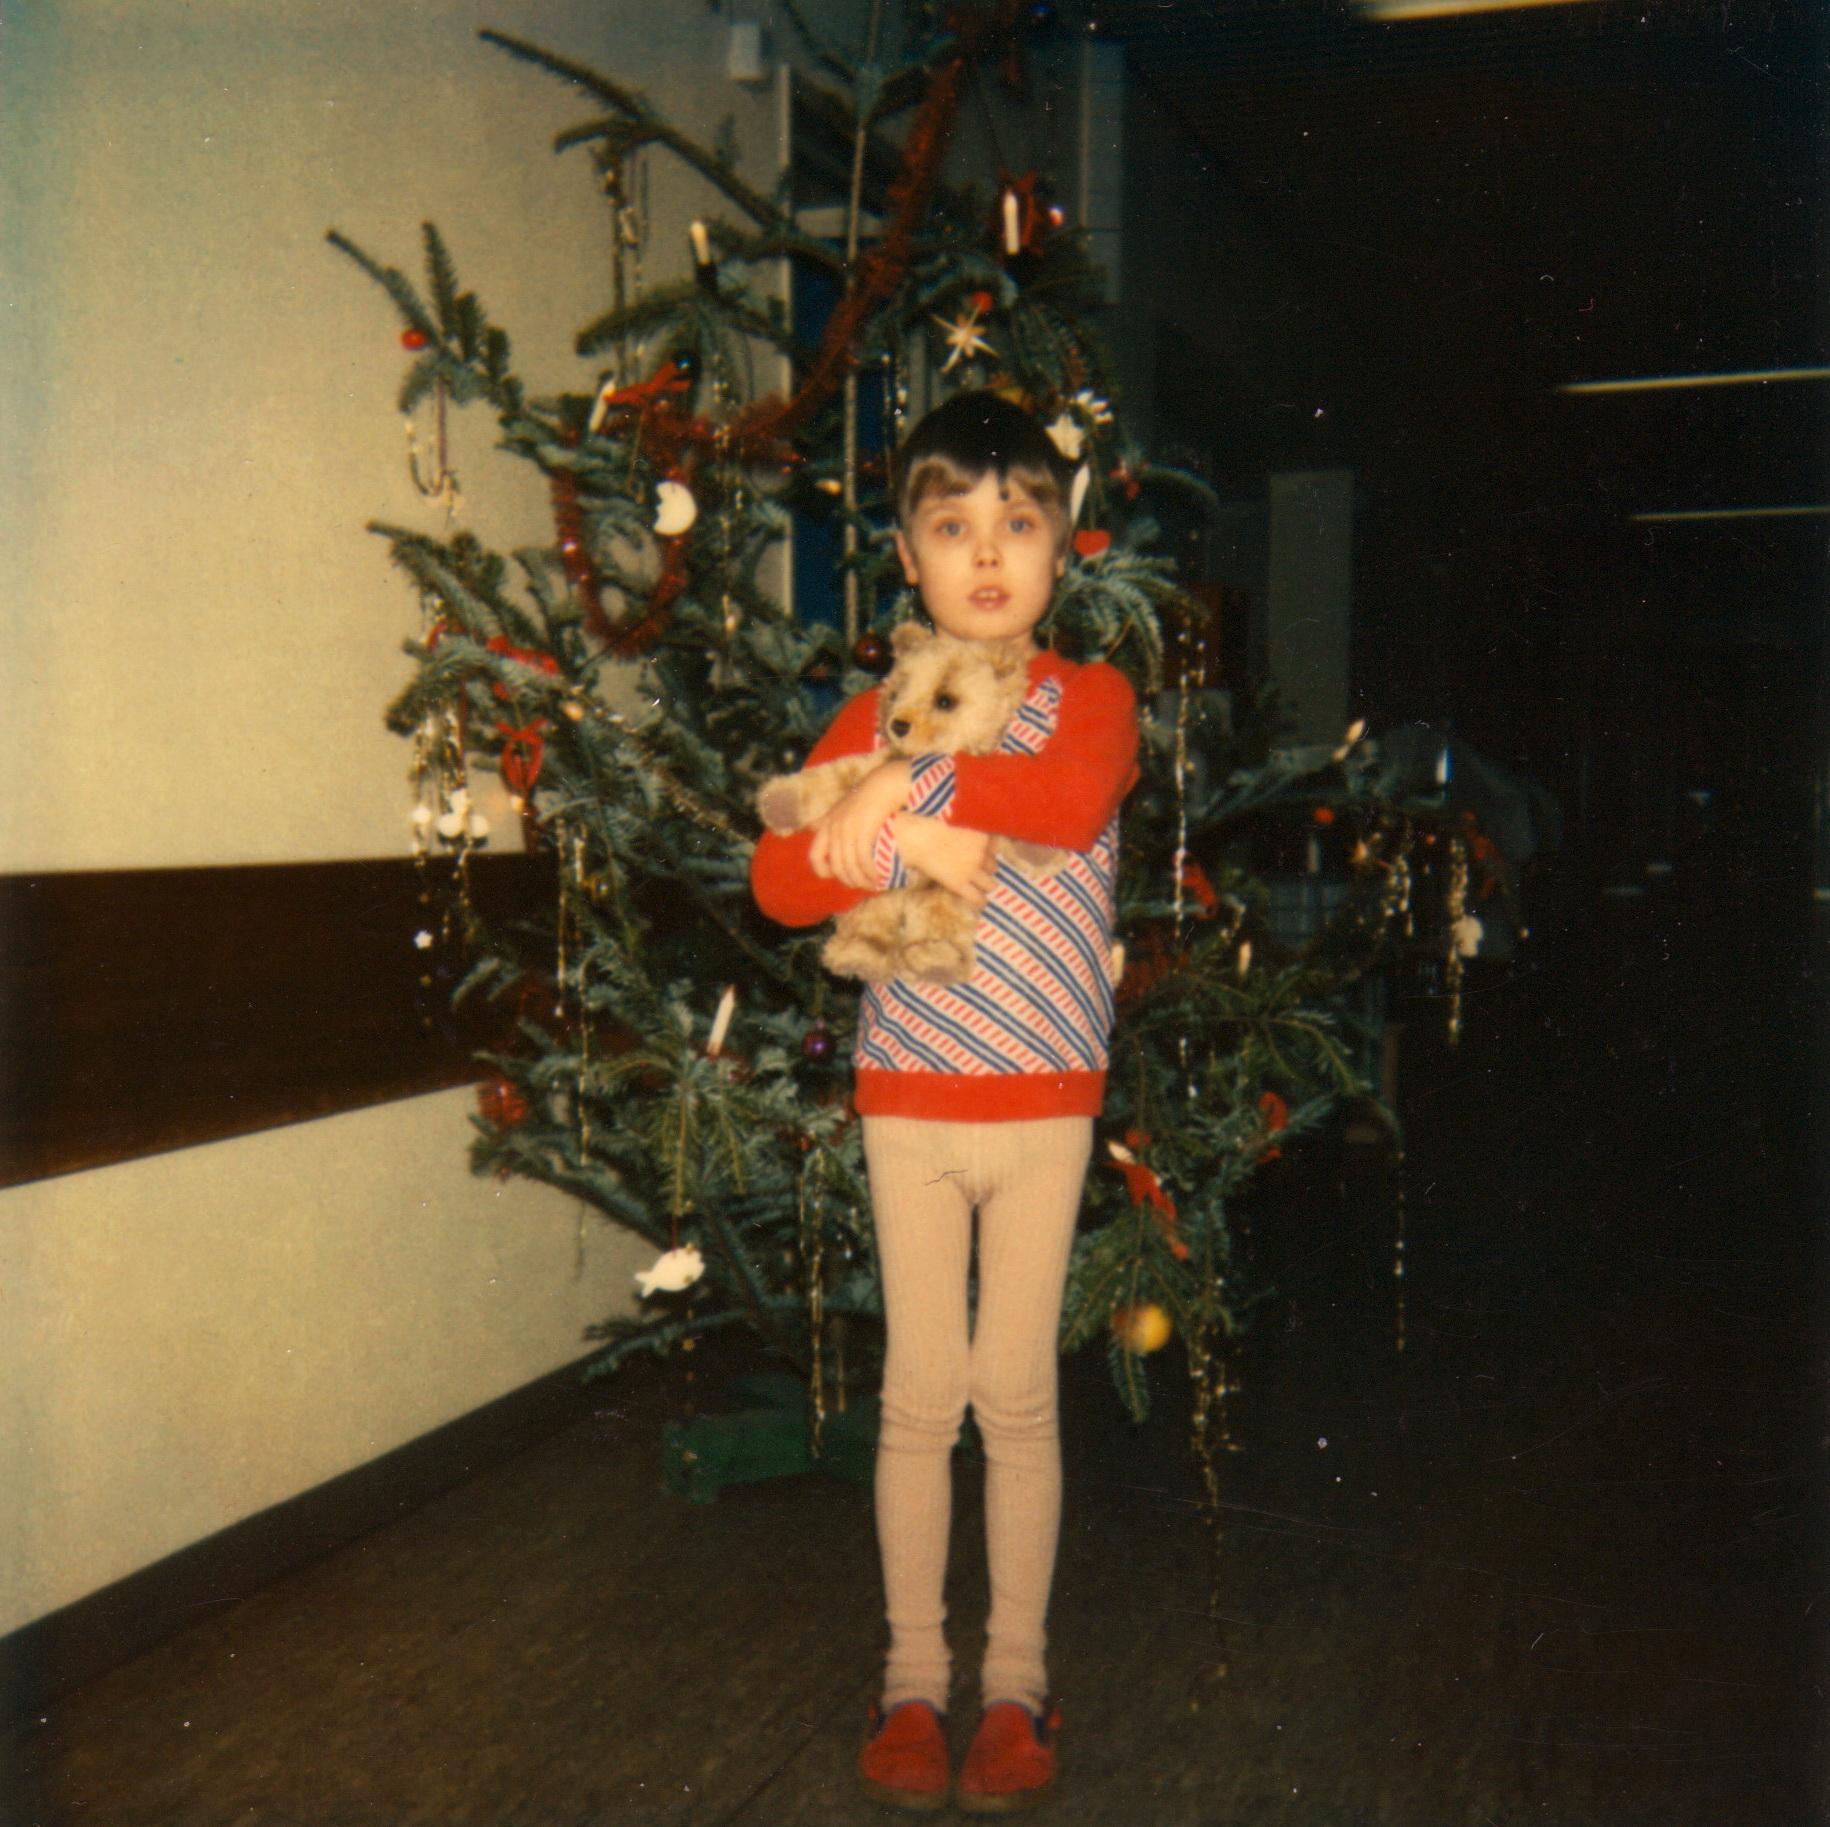 1980 Weihnachten auf Station 6 Wach. Chirurgische Klinik Heidelberg.